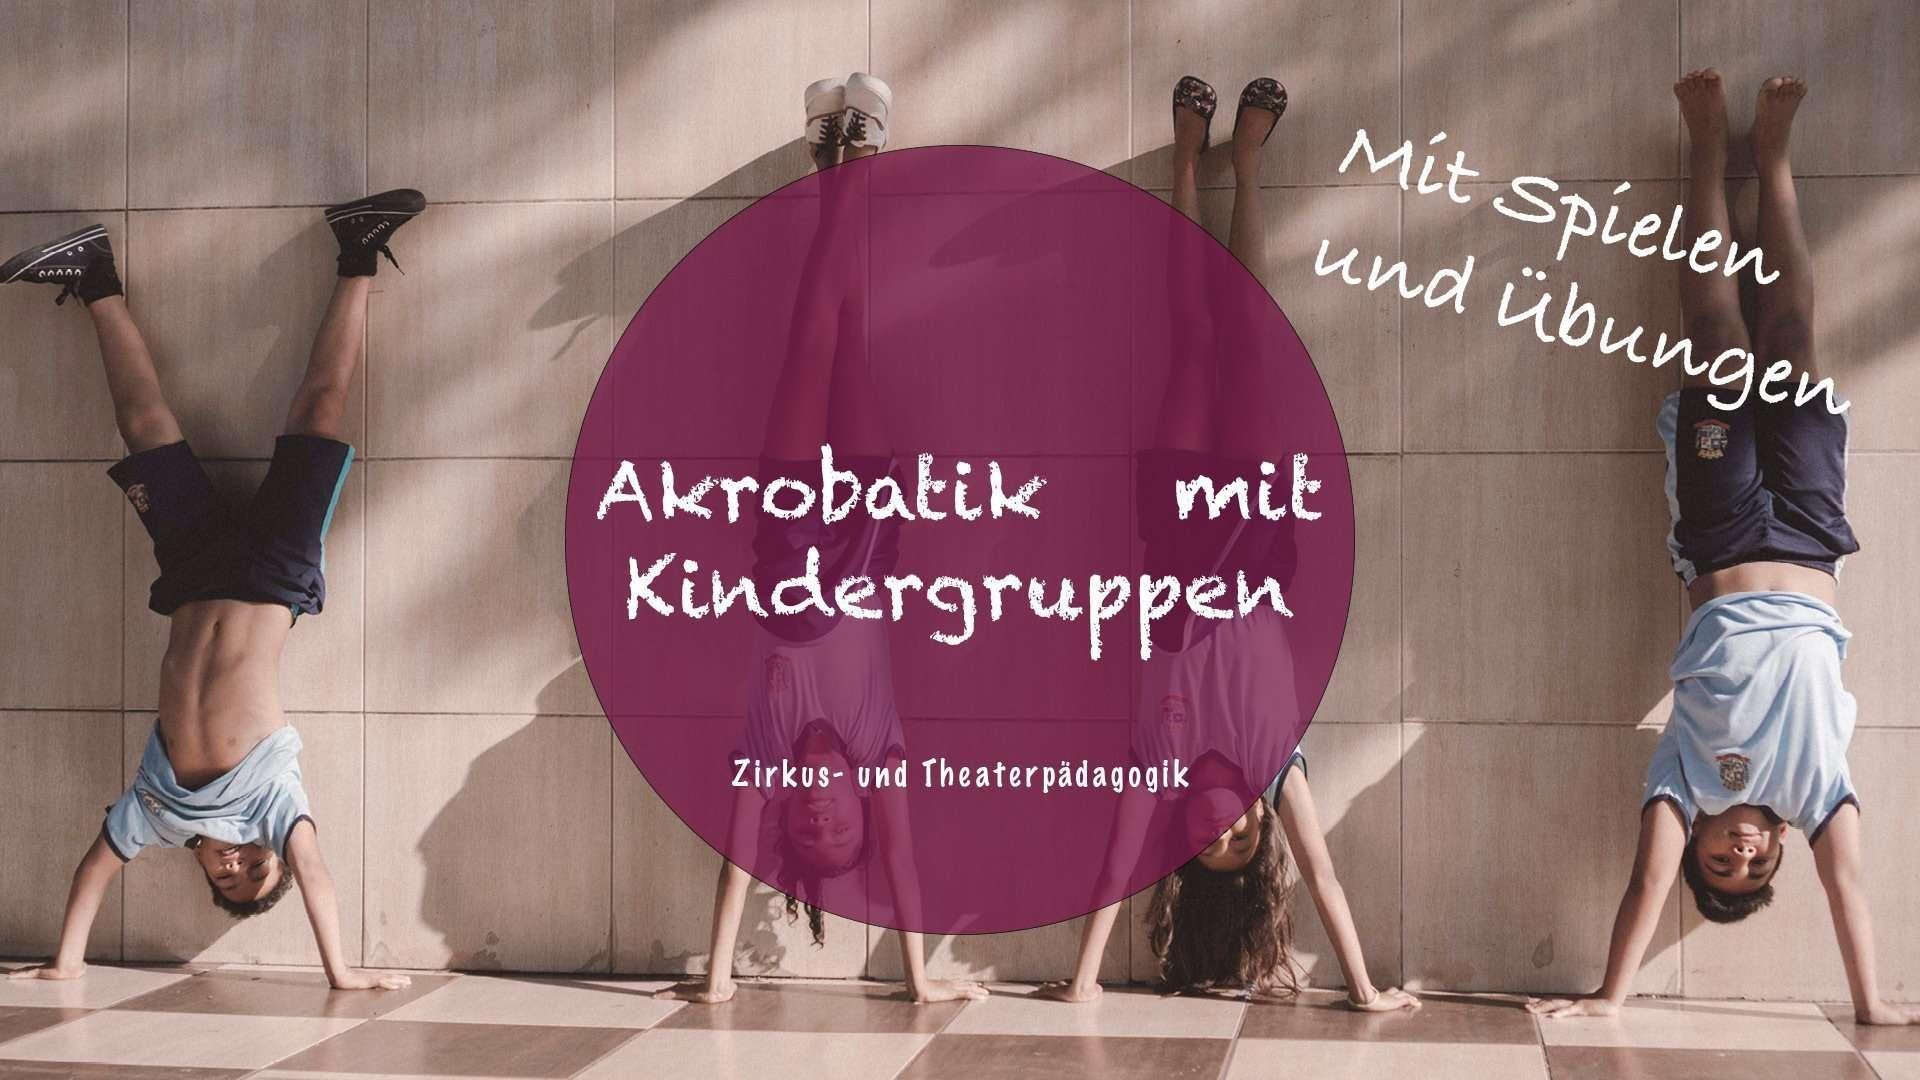 Akrobatik mit Kinder + Spiele, Übungen und Stundenplan für eine Förderung der Motorik